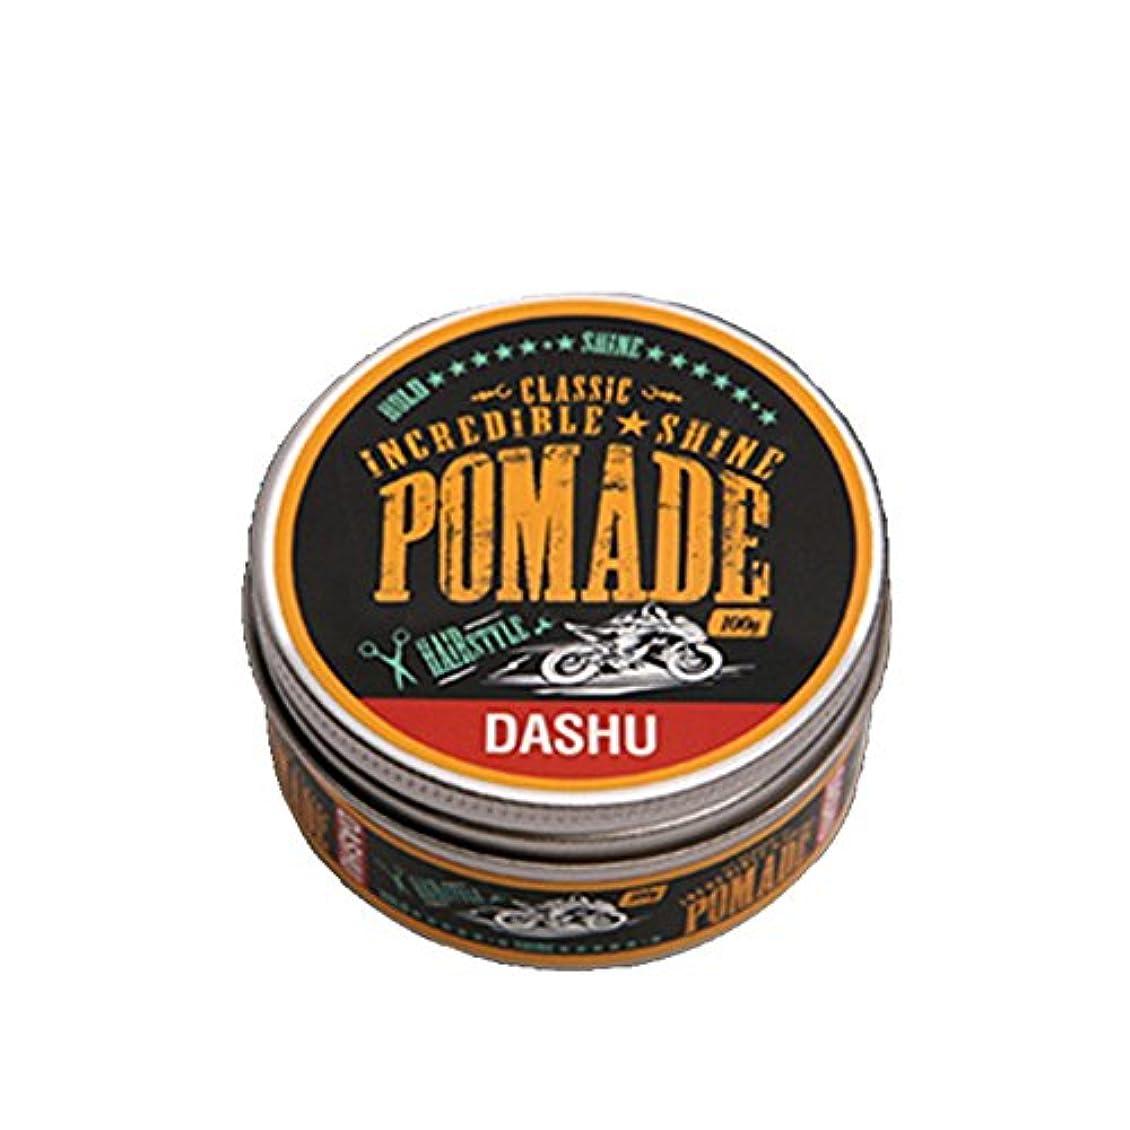 過激派障害者鈍い[DASHU] ダシュ クラシック 信じられないほどの輝き ポマードワックス Classic Incredible Shine Pomade Hair Wax 100ml / 韓国製 . 韓国直送品